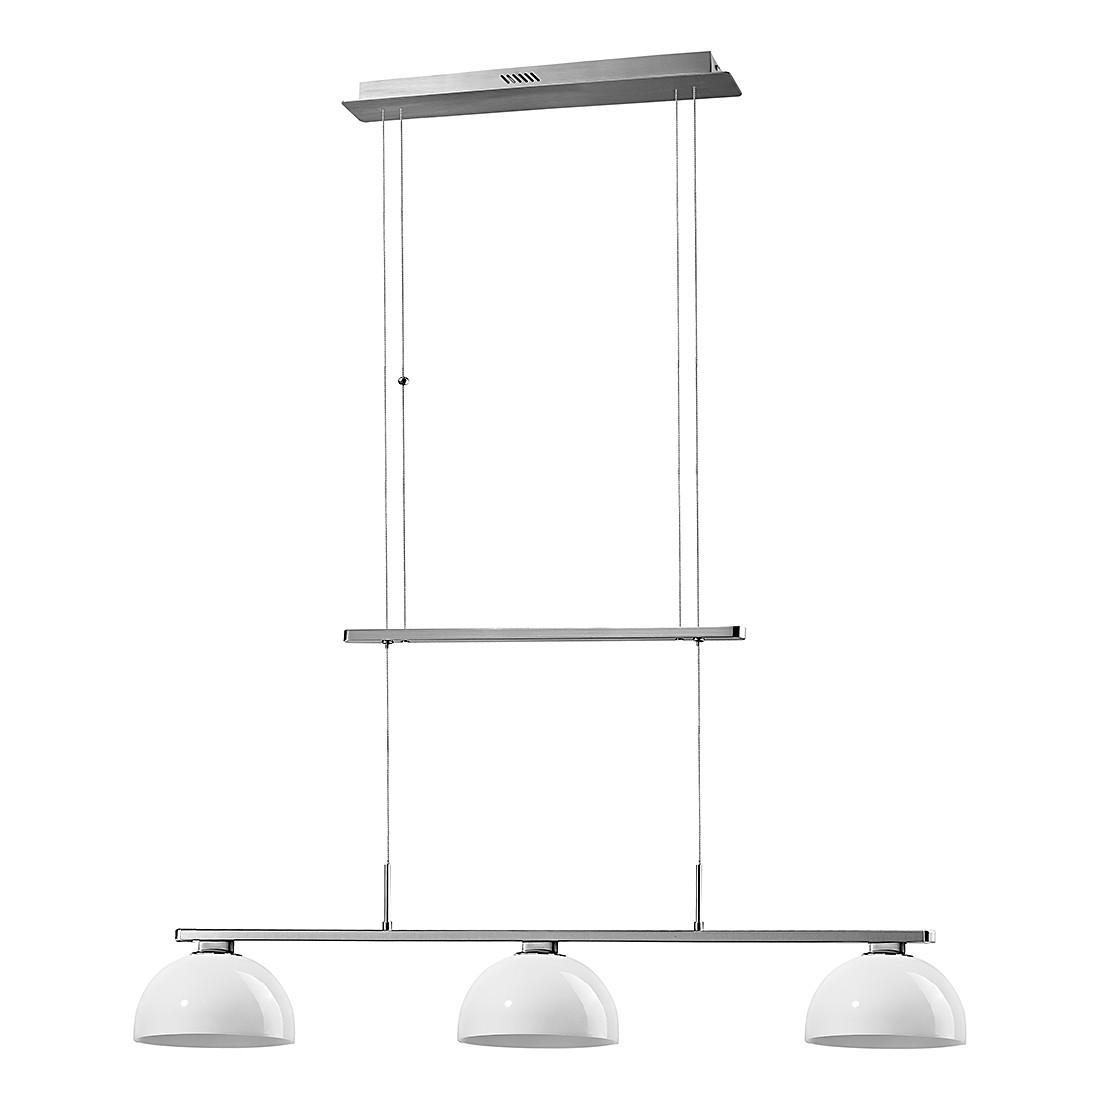 EEK A+, Pendelleuchte Melissa – Gewichtig – Metall/Glas – 3-flammig, Sorpetaler günstig kaufen